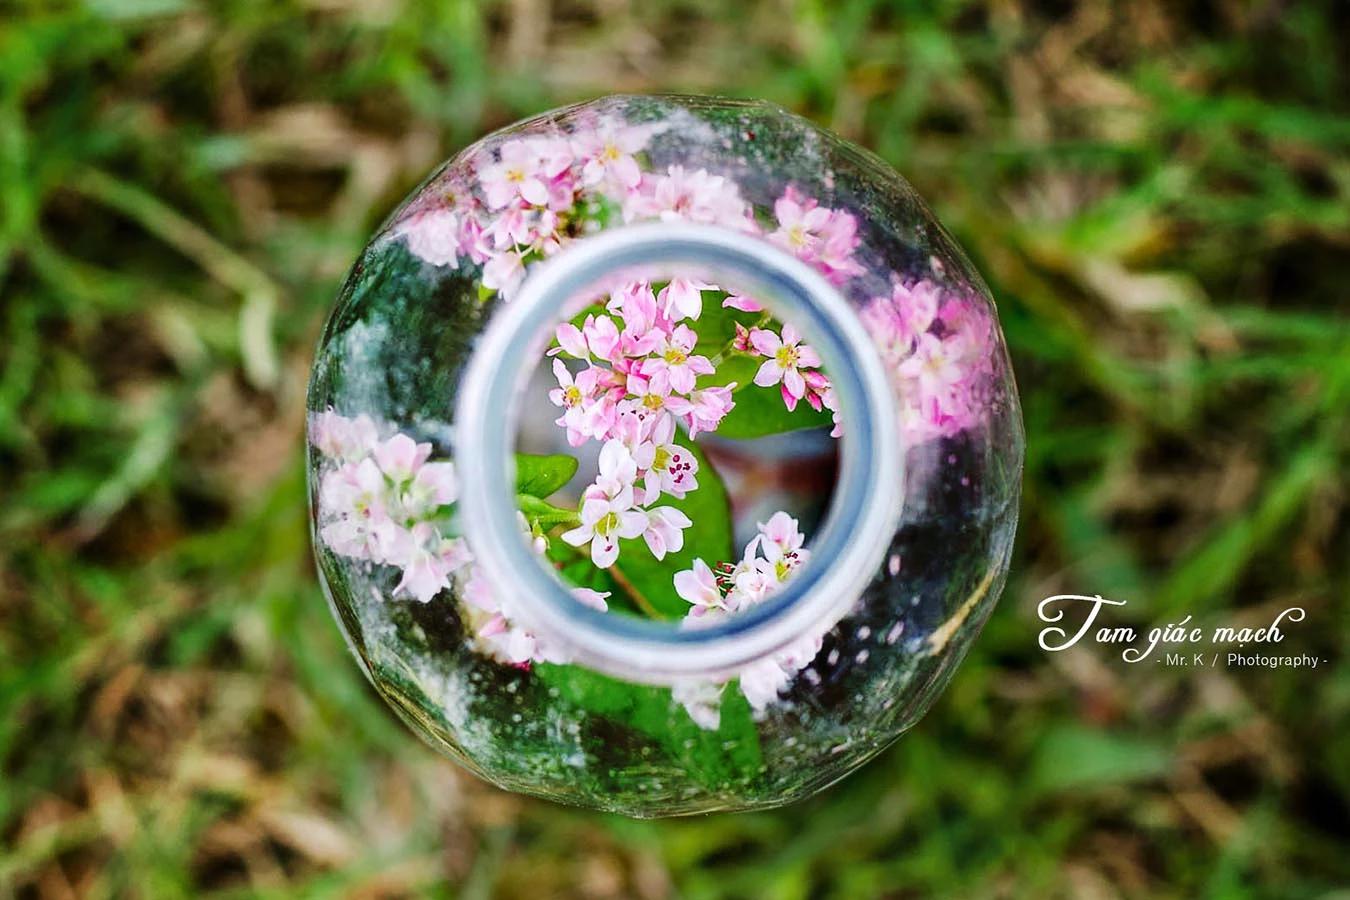 Tháng 11 - tam giác mạch nhuộm hồng xứ Hà Giang - ảnh 3